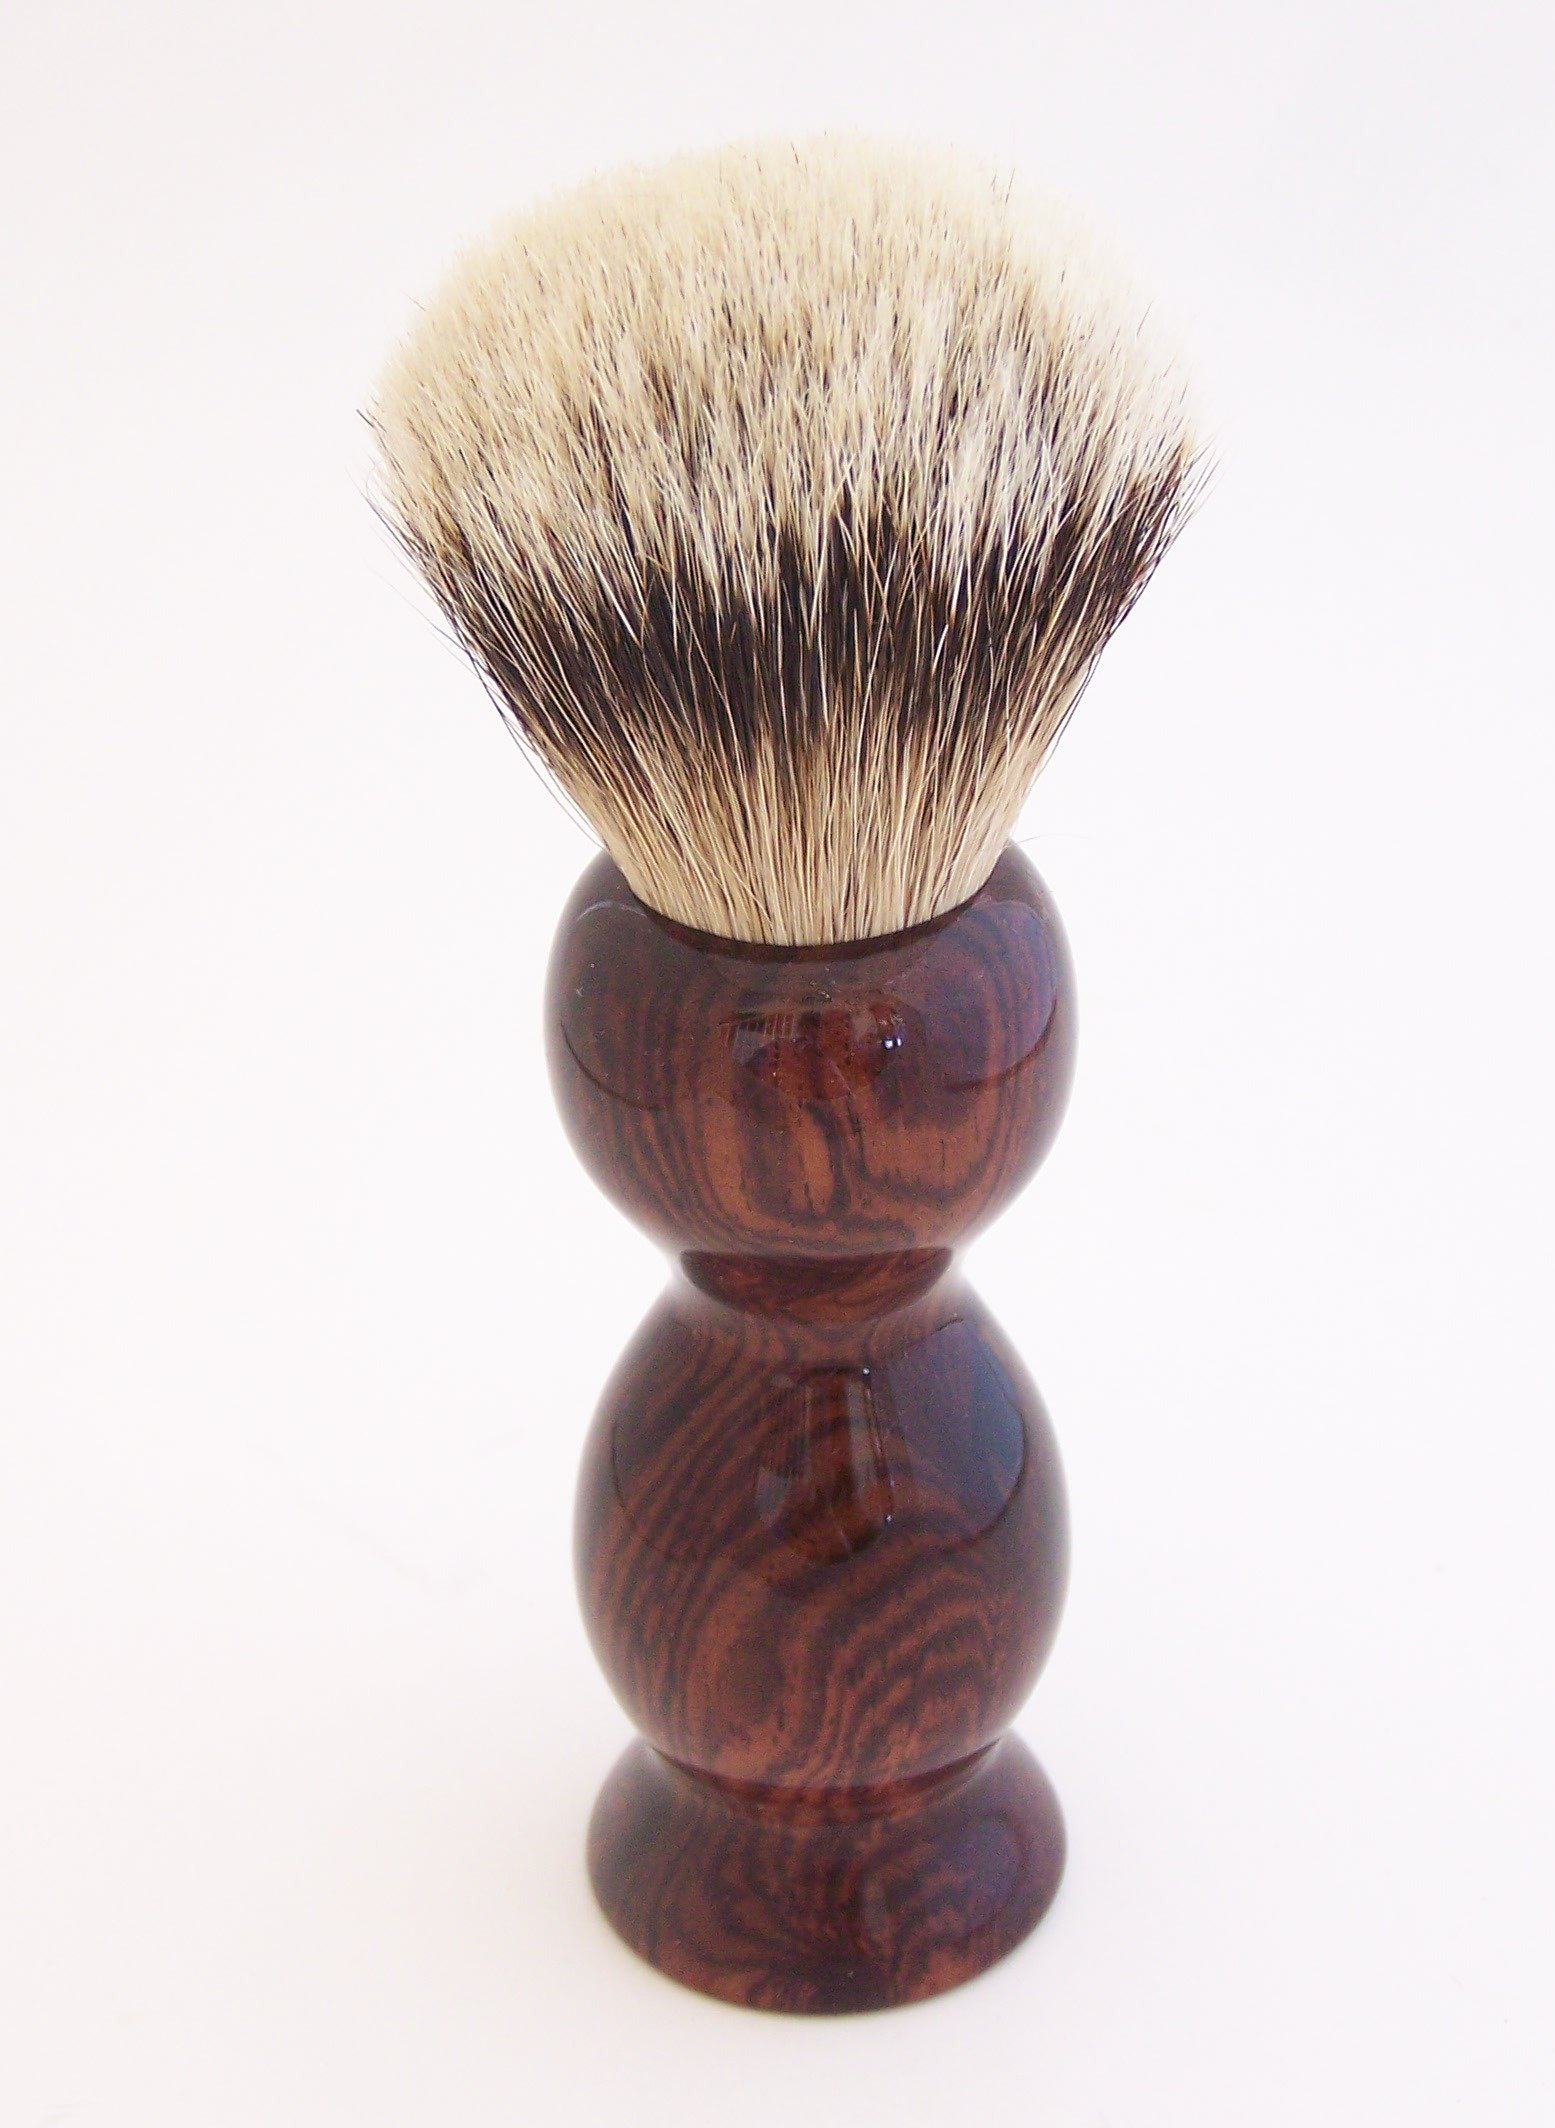 Camatillo Rosewood 20mm Super Silvertip Shaving Brush (C5)